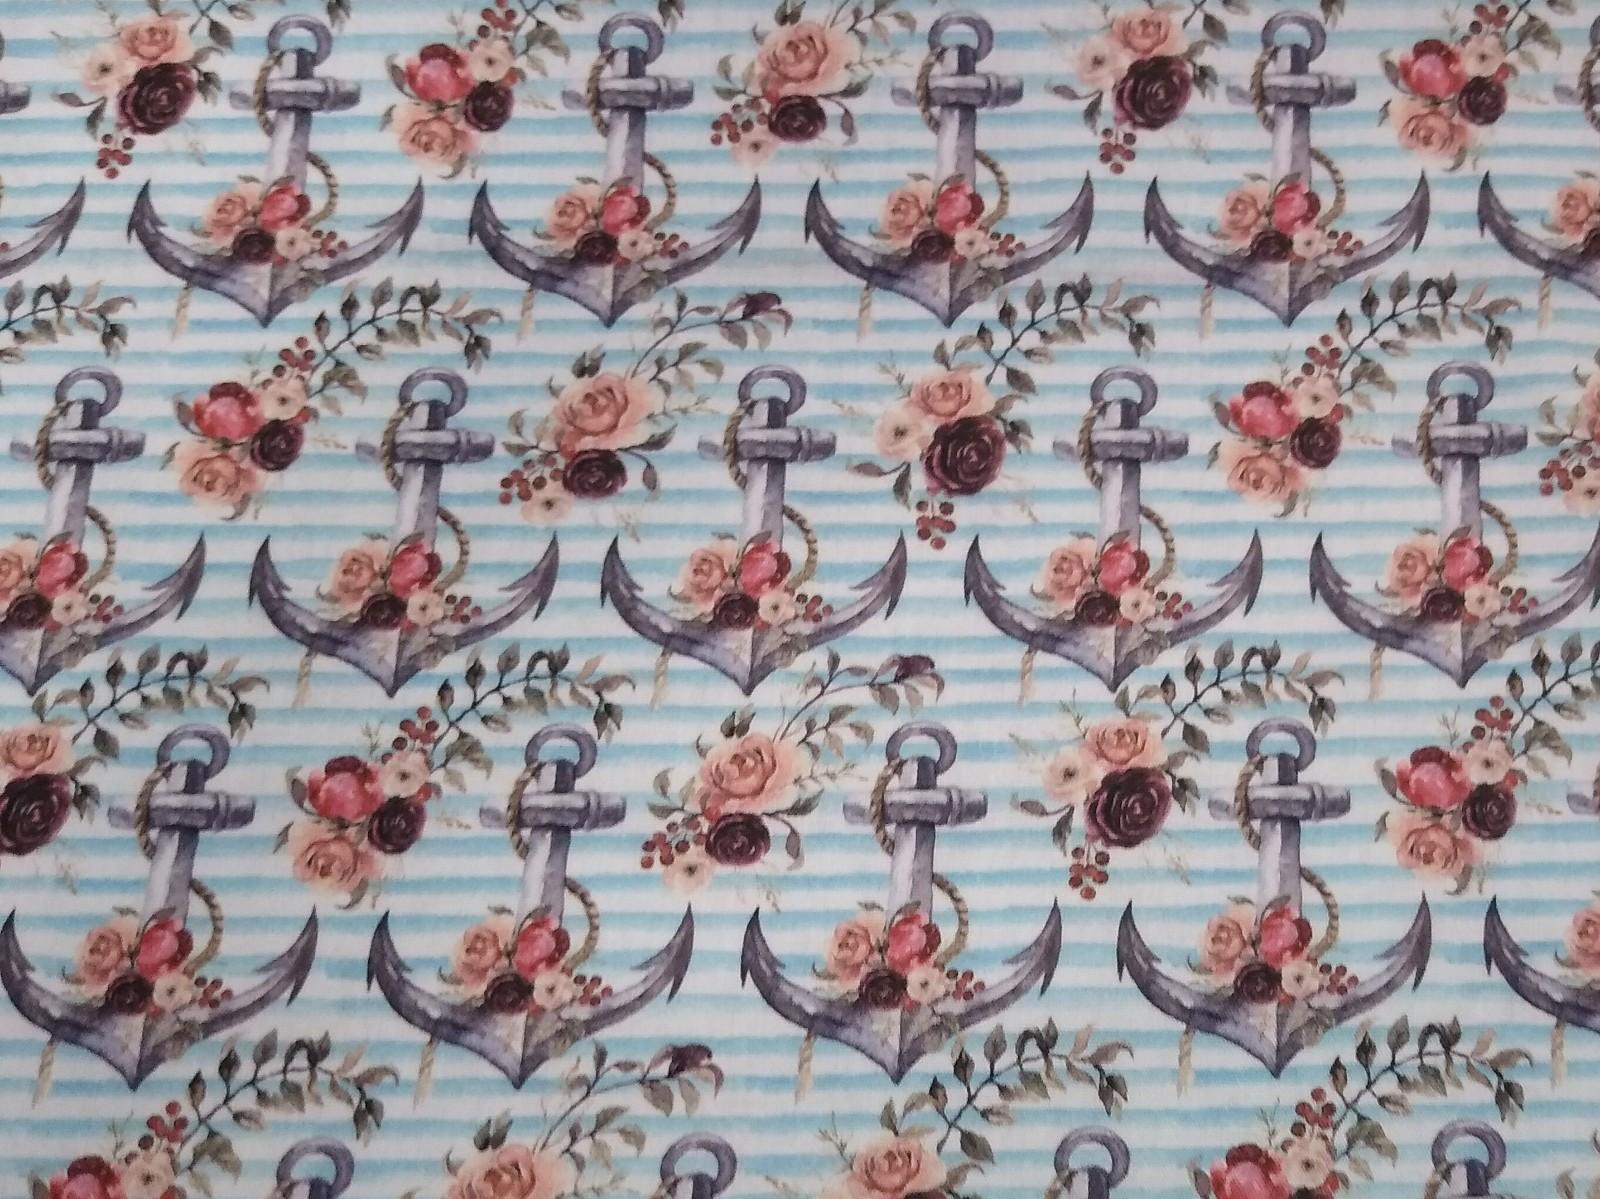 Baumwolle Anker/ Blumen/ Streifen, 140cm breit, 0.5m 7.00€